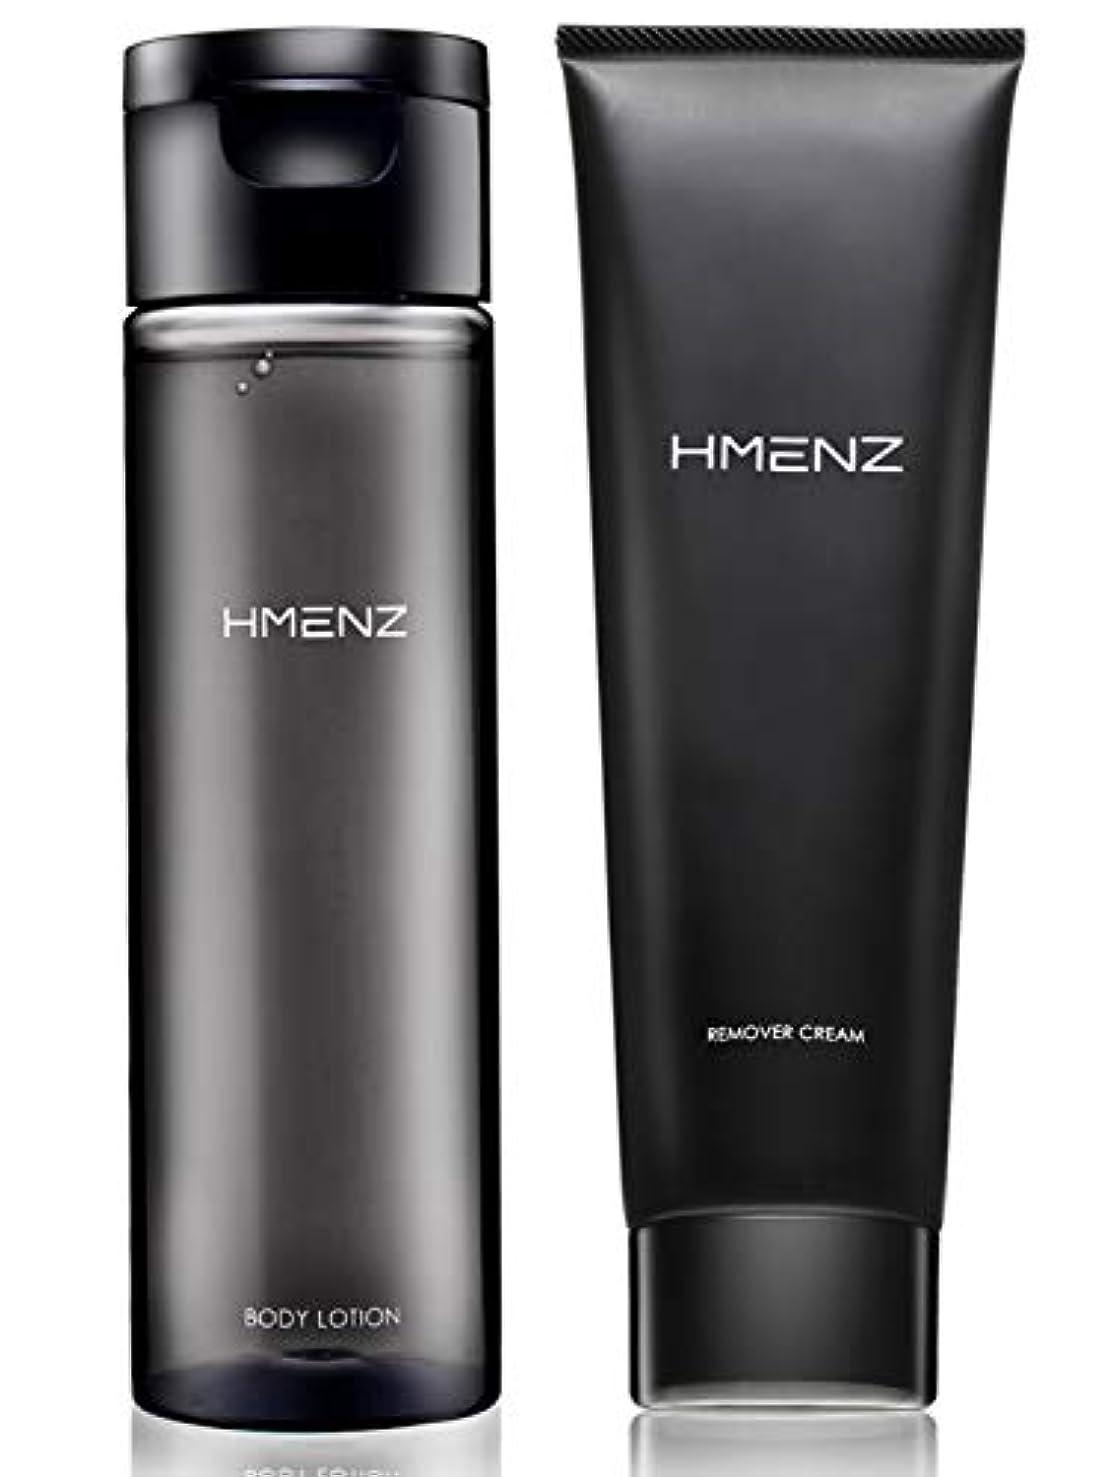 観察するやけど摘む医薬部外品 HMENZ メンズ 除毛クリーム + アフターシェーブローション 【 パーフェクト 除毛 セット 】 陰部 VIO 使用可能 210g & 250ml